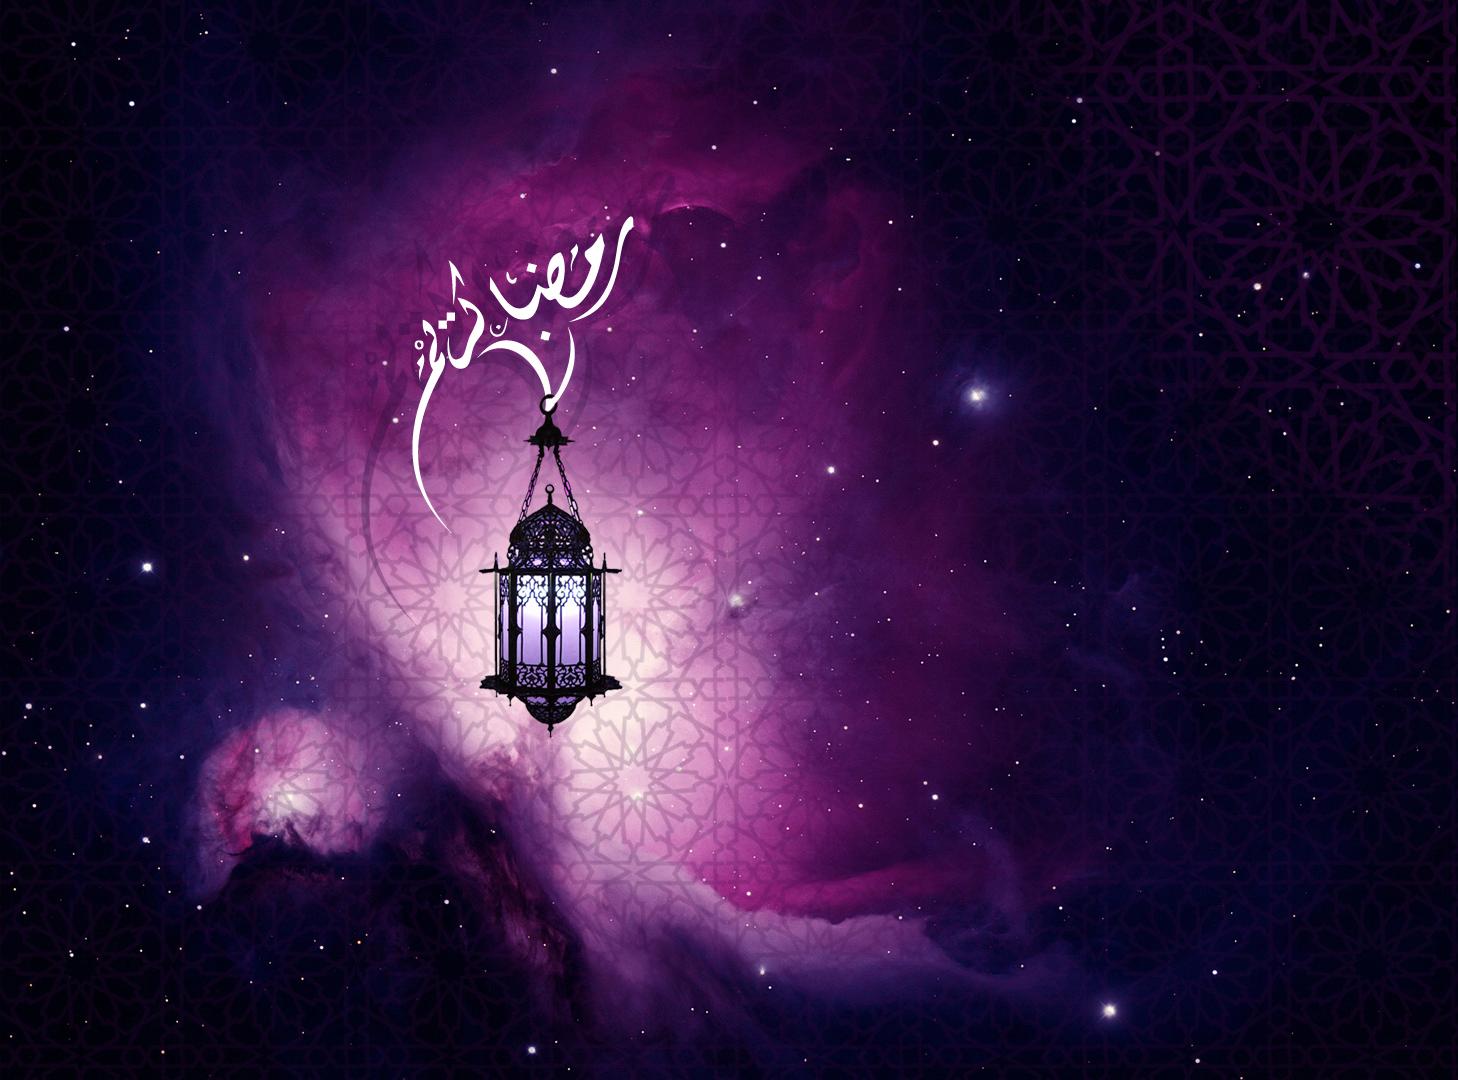 Cute Animated Hd Wallpapers Ramadan Wallpaper 2018